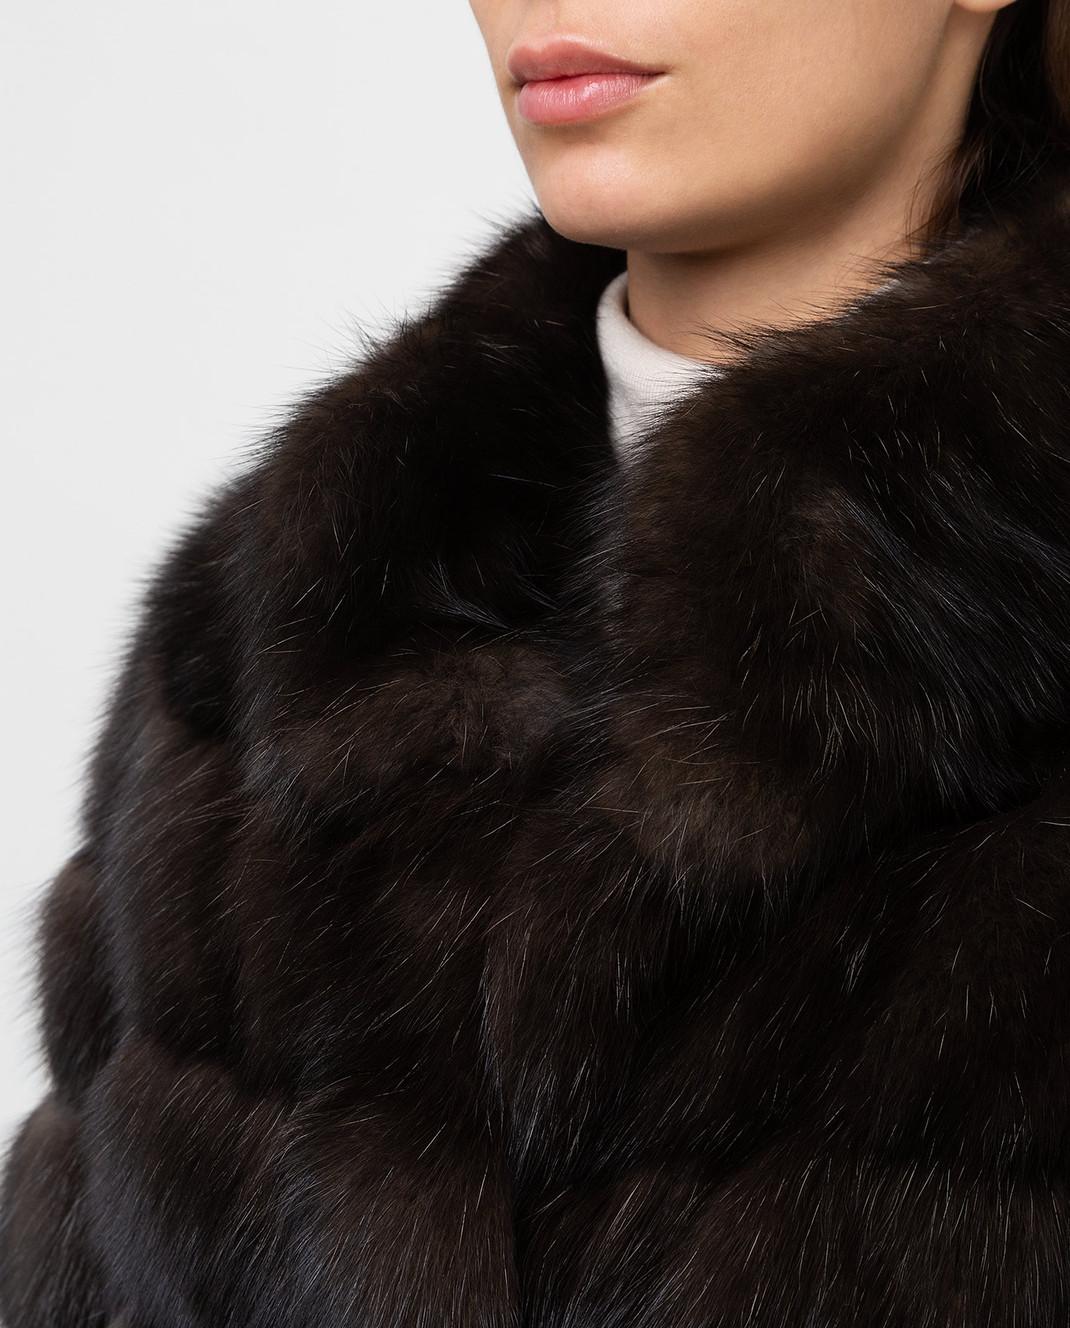 Real Furs House Темно-коричневая шуба из соболя SBR28622DARKSILV290 изображение 5